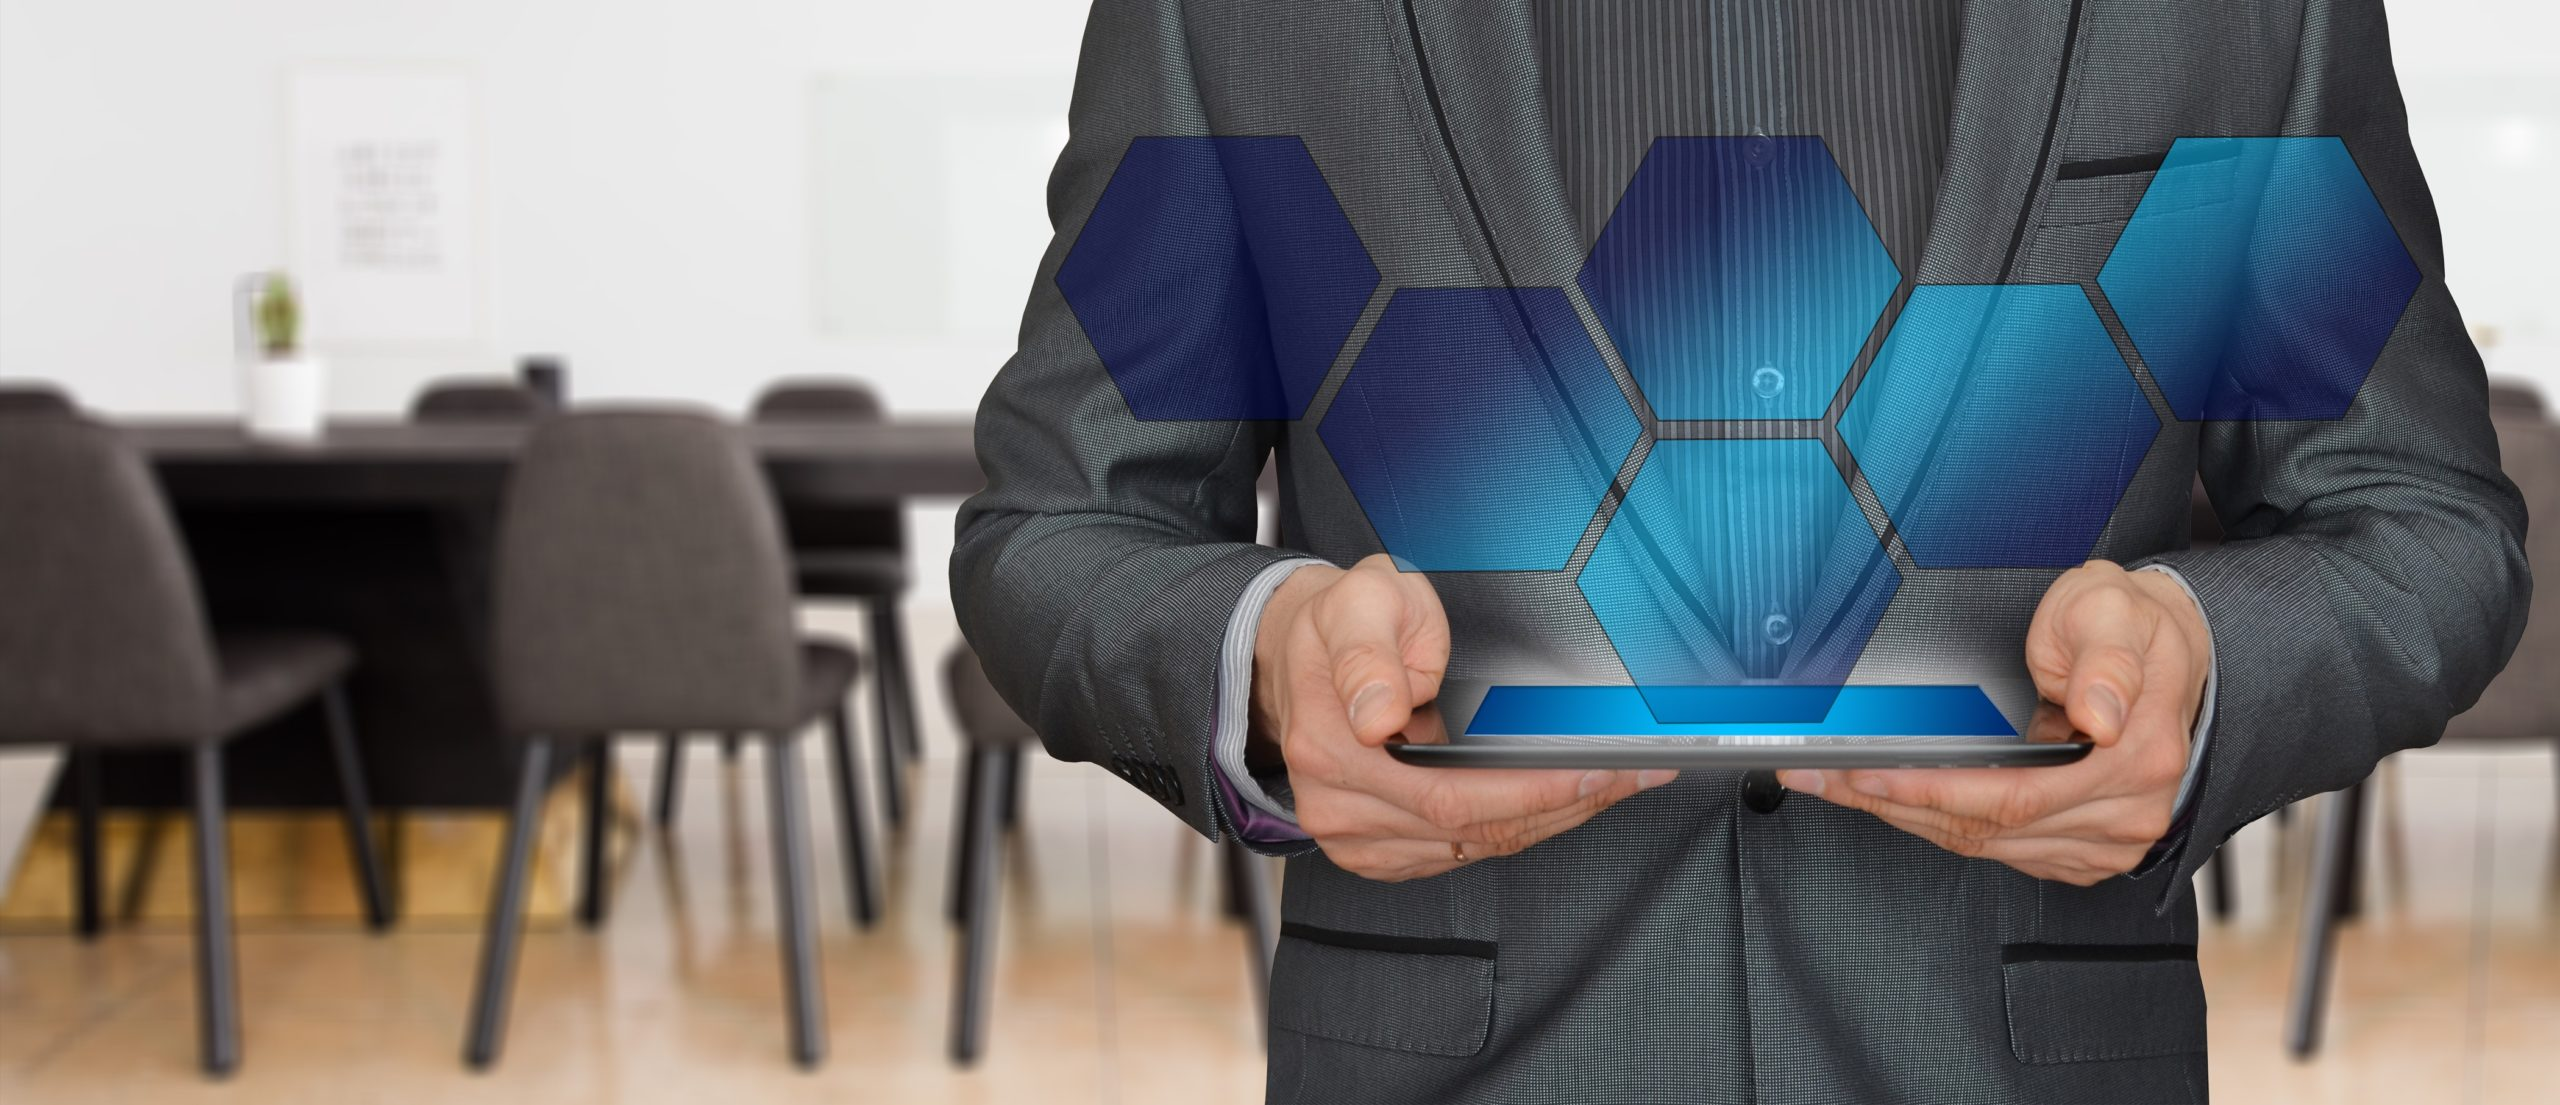 MAR_Soluciones_portfolio_servicios_digitales